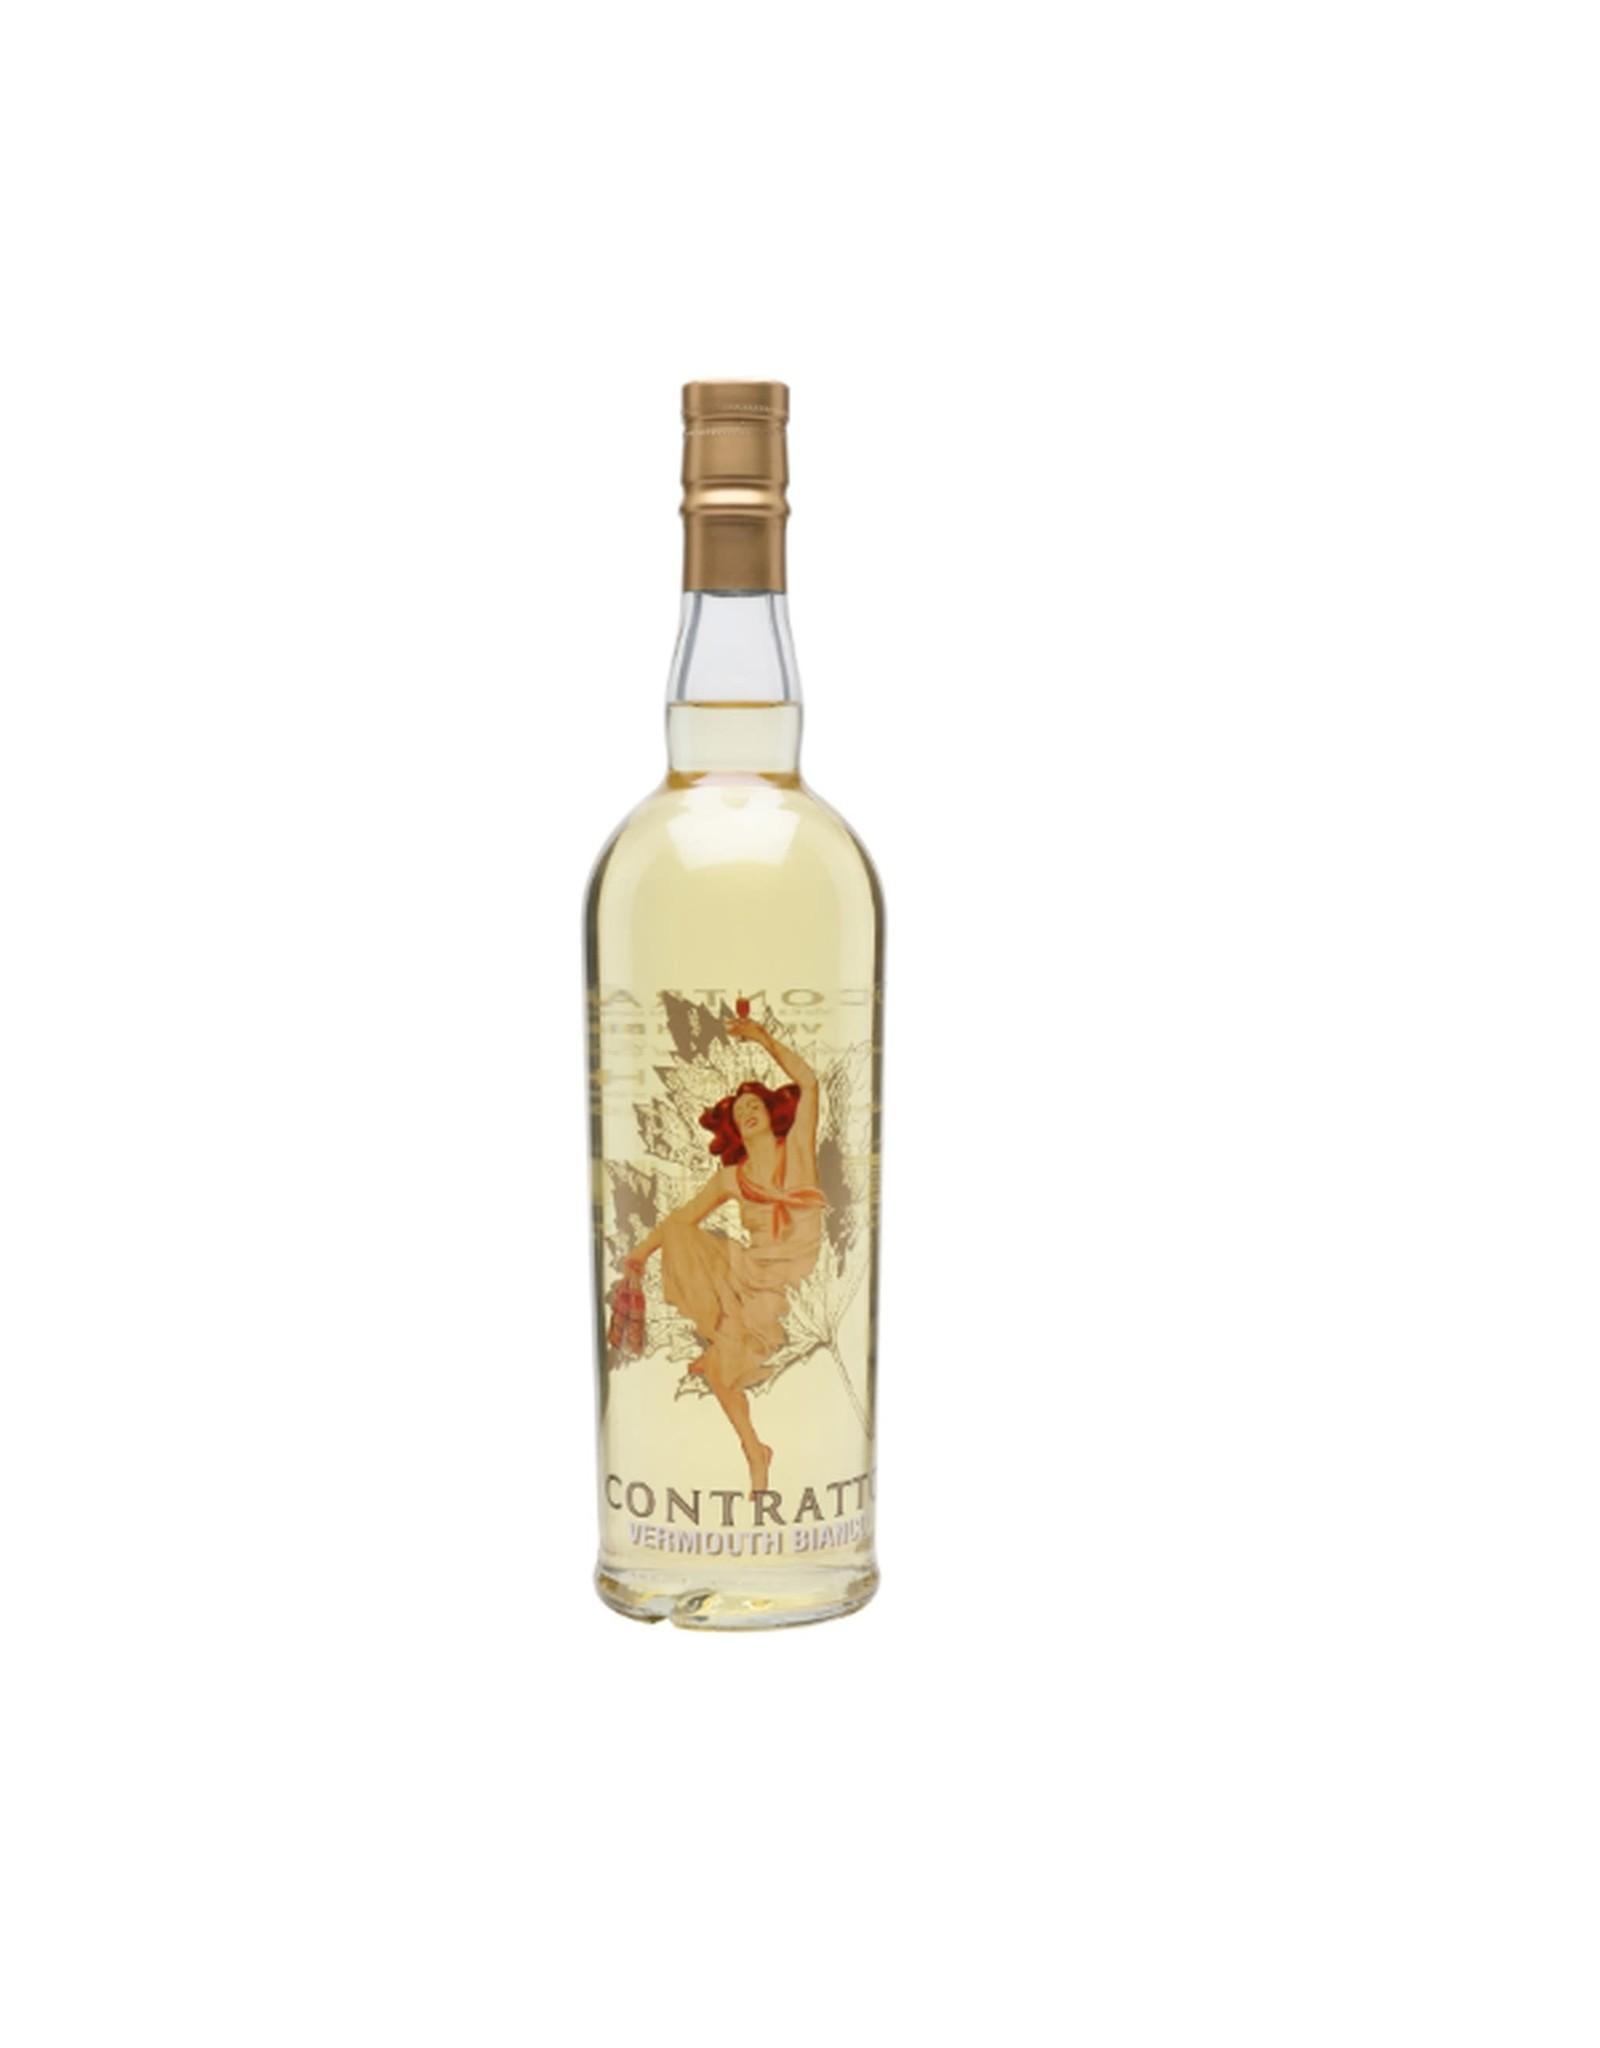 Contratto Contratto Blanc Vermouth NV